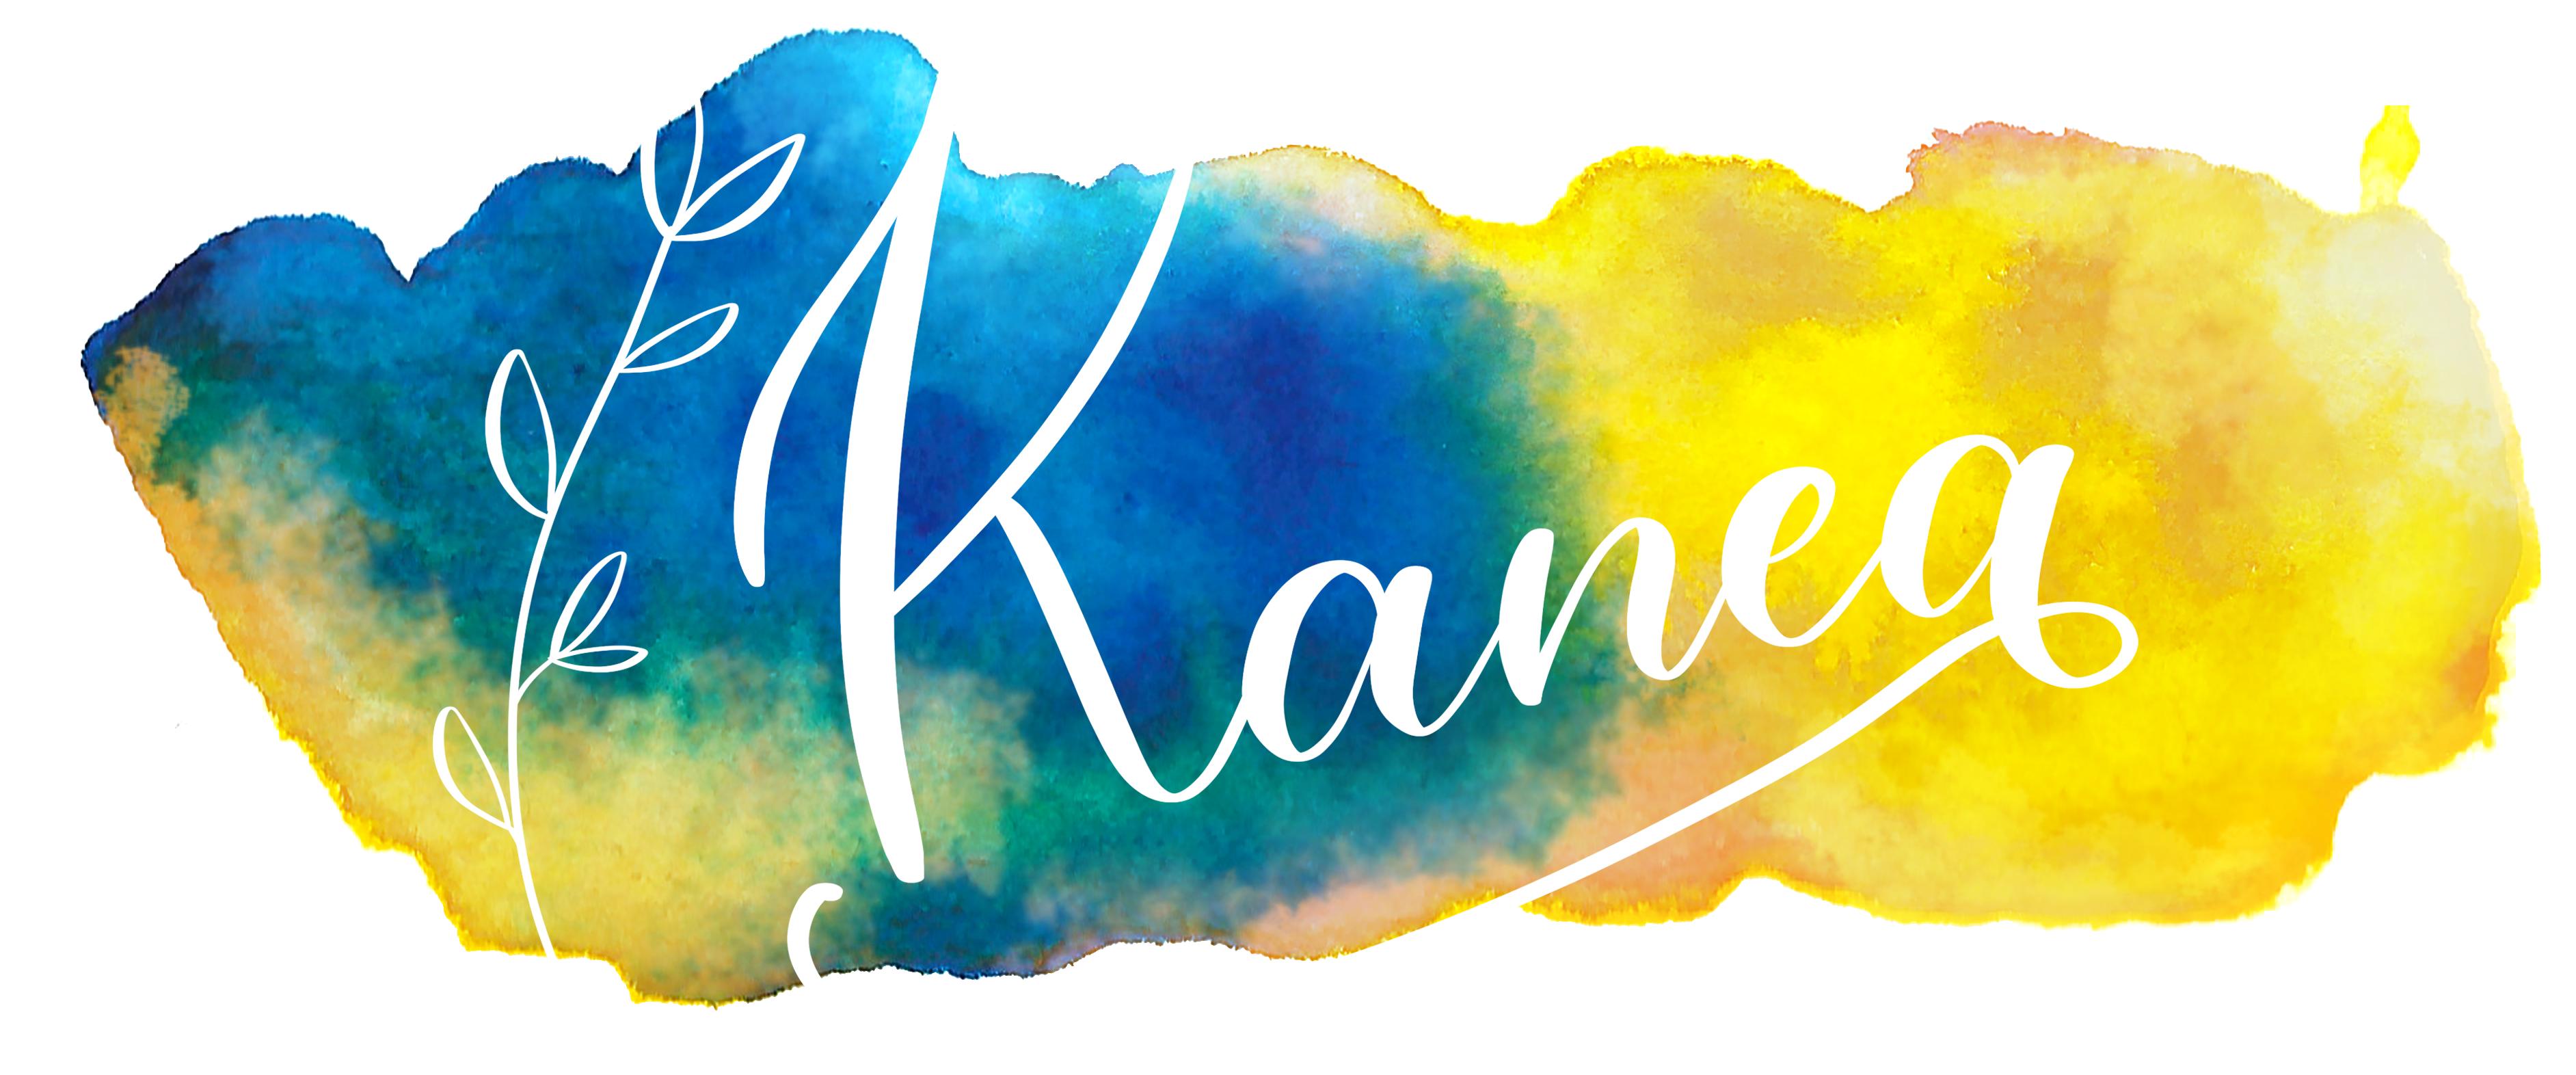 Kanea